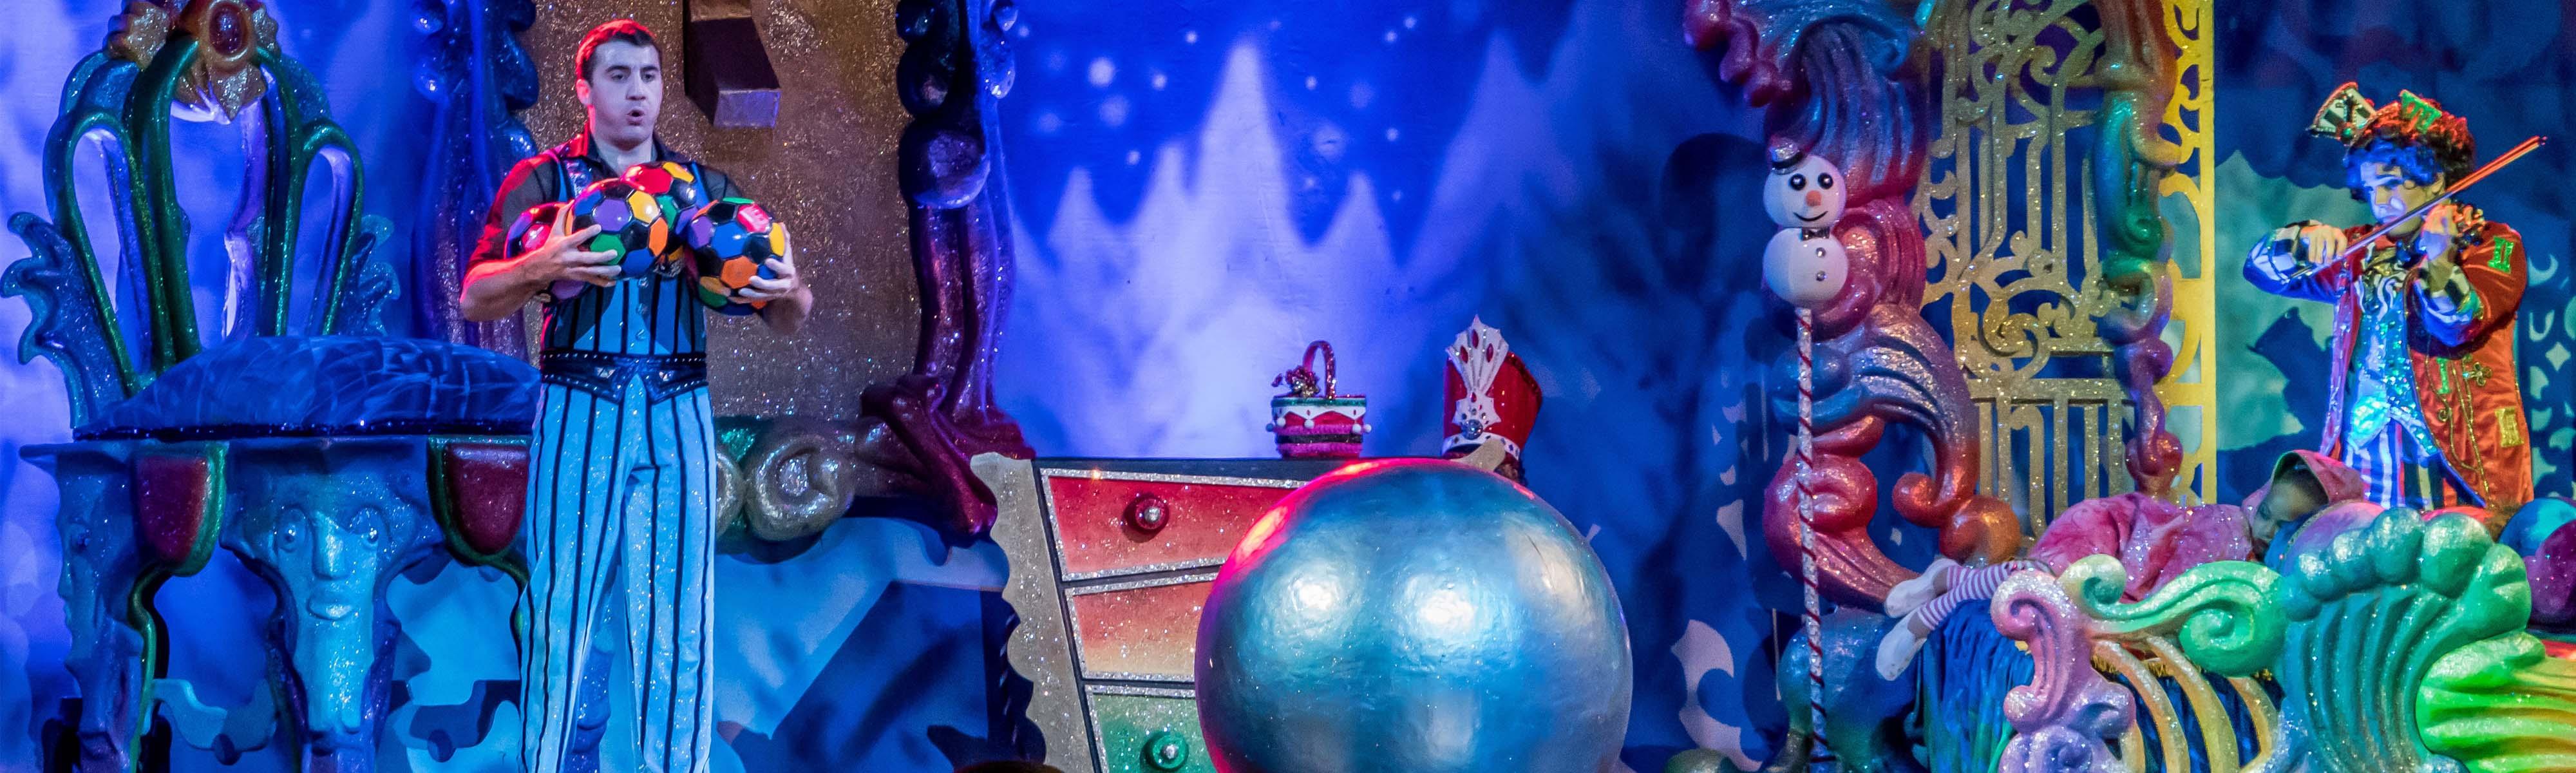 Bühnenbild in blau gehalten mit Clowns - stilvoll aufgebaut